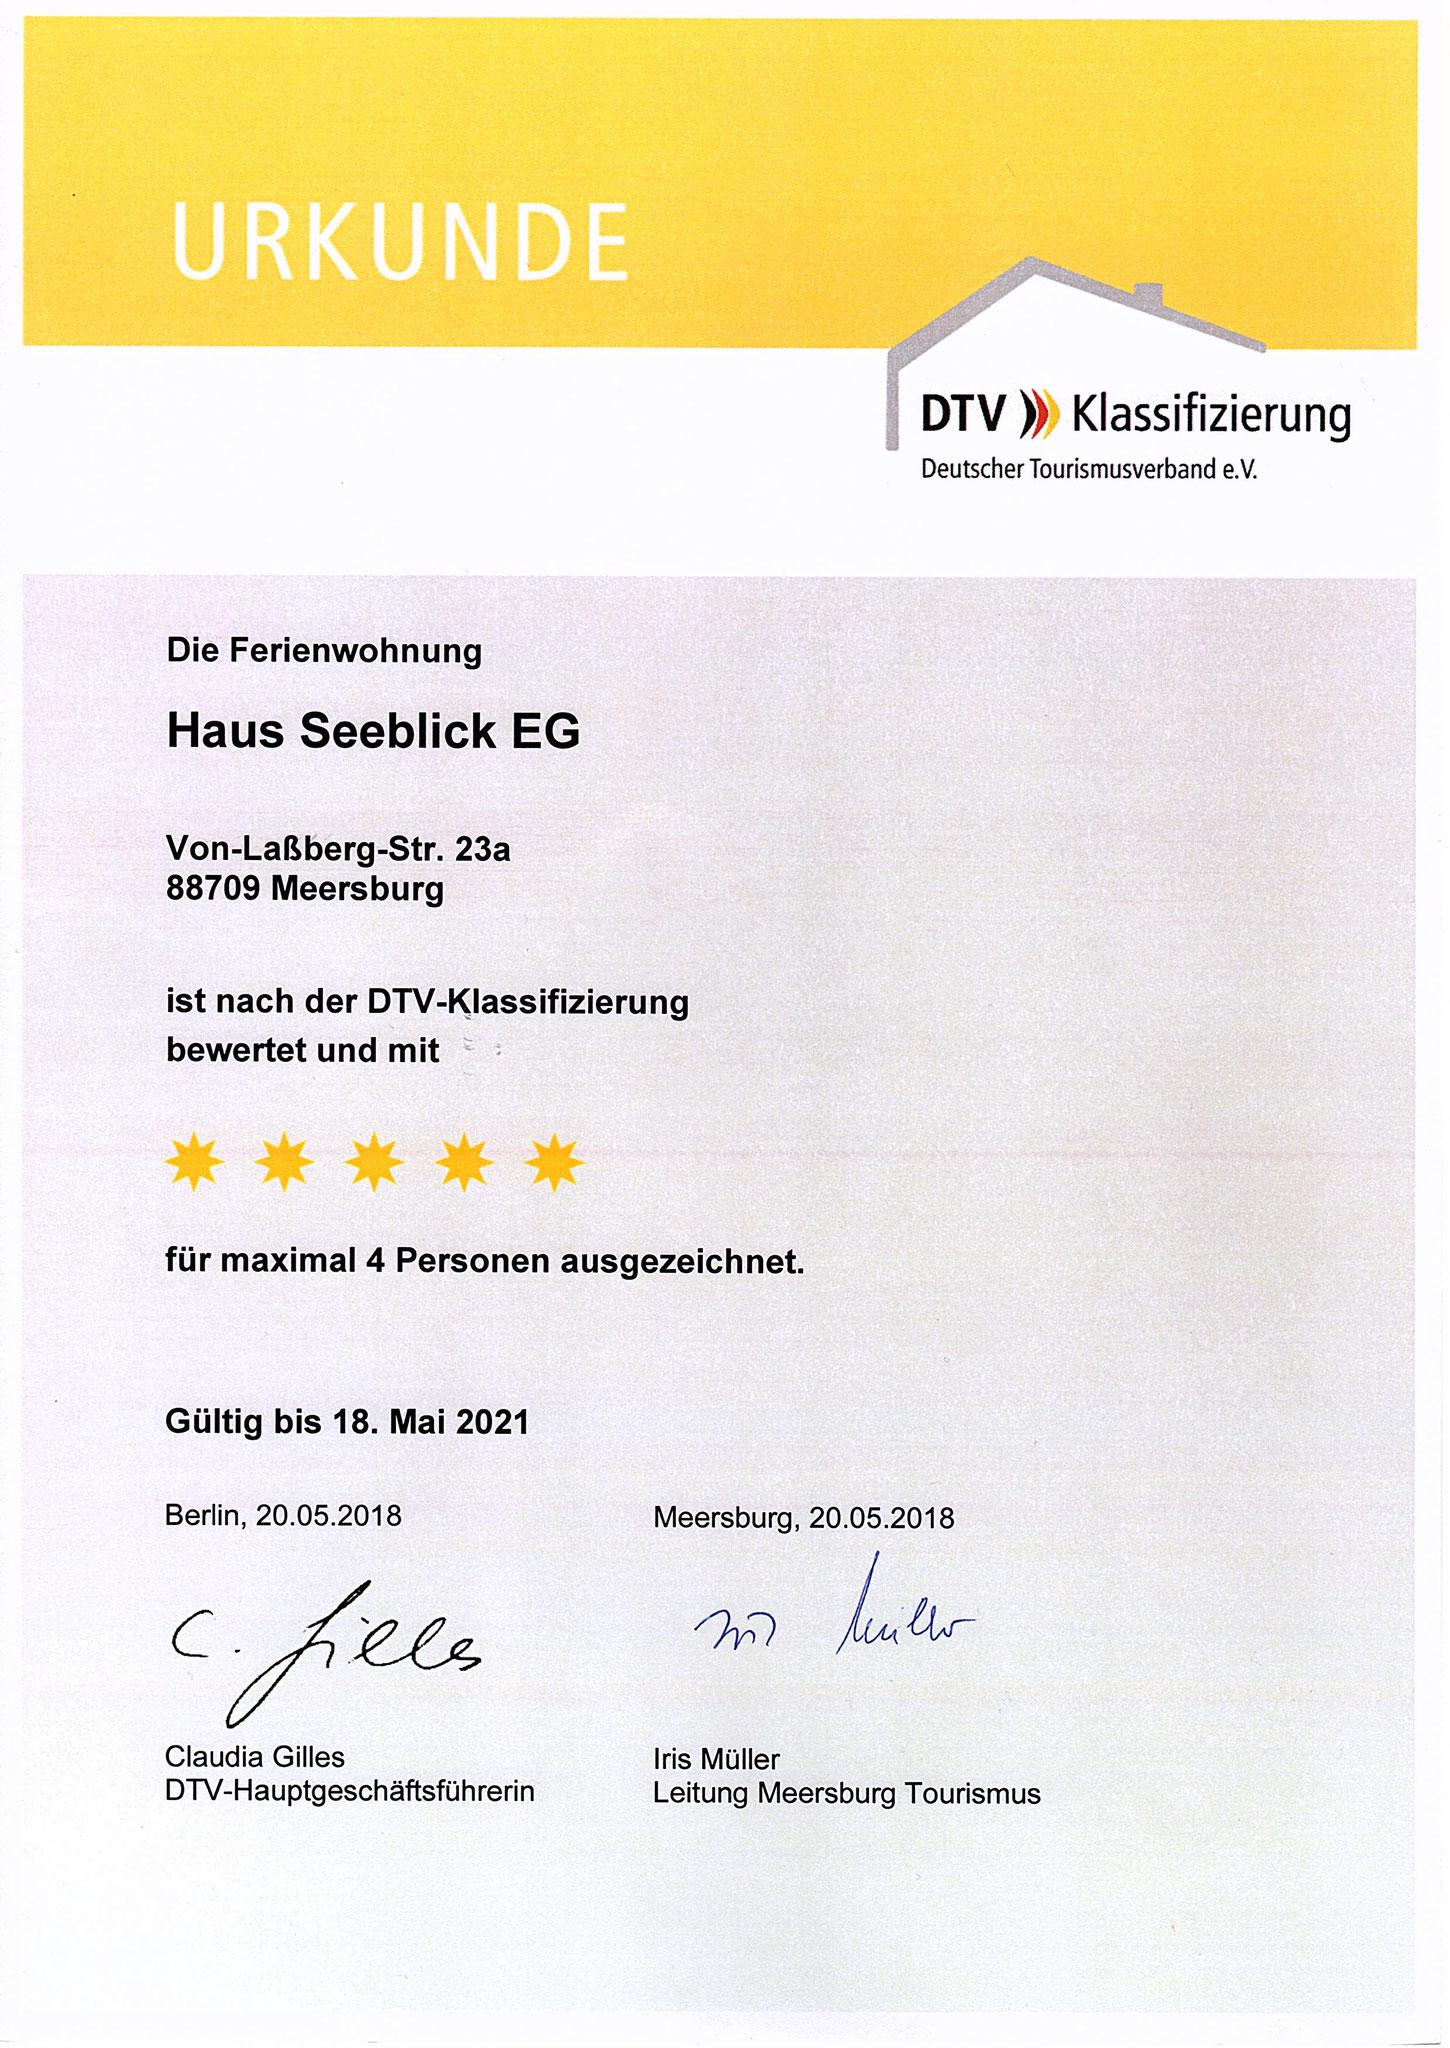 Urkunde 2018 - EG-Wohnung F*****